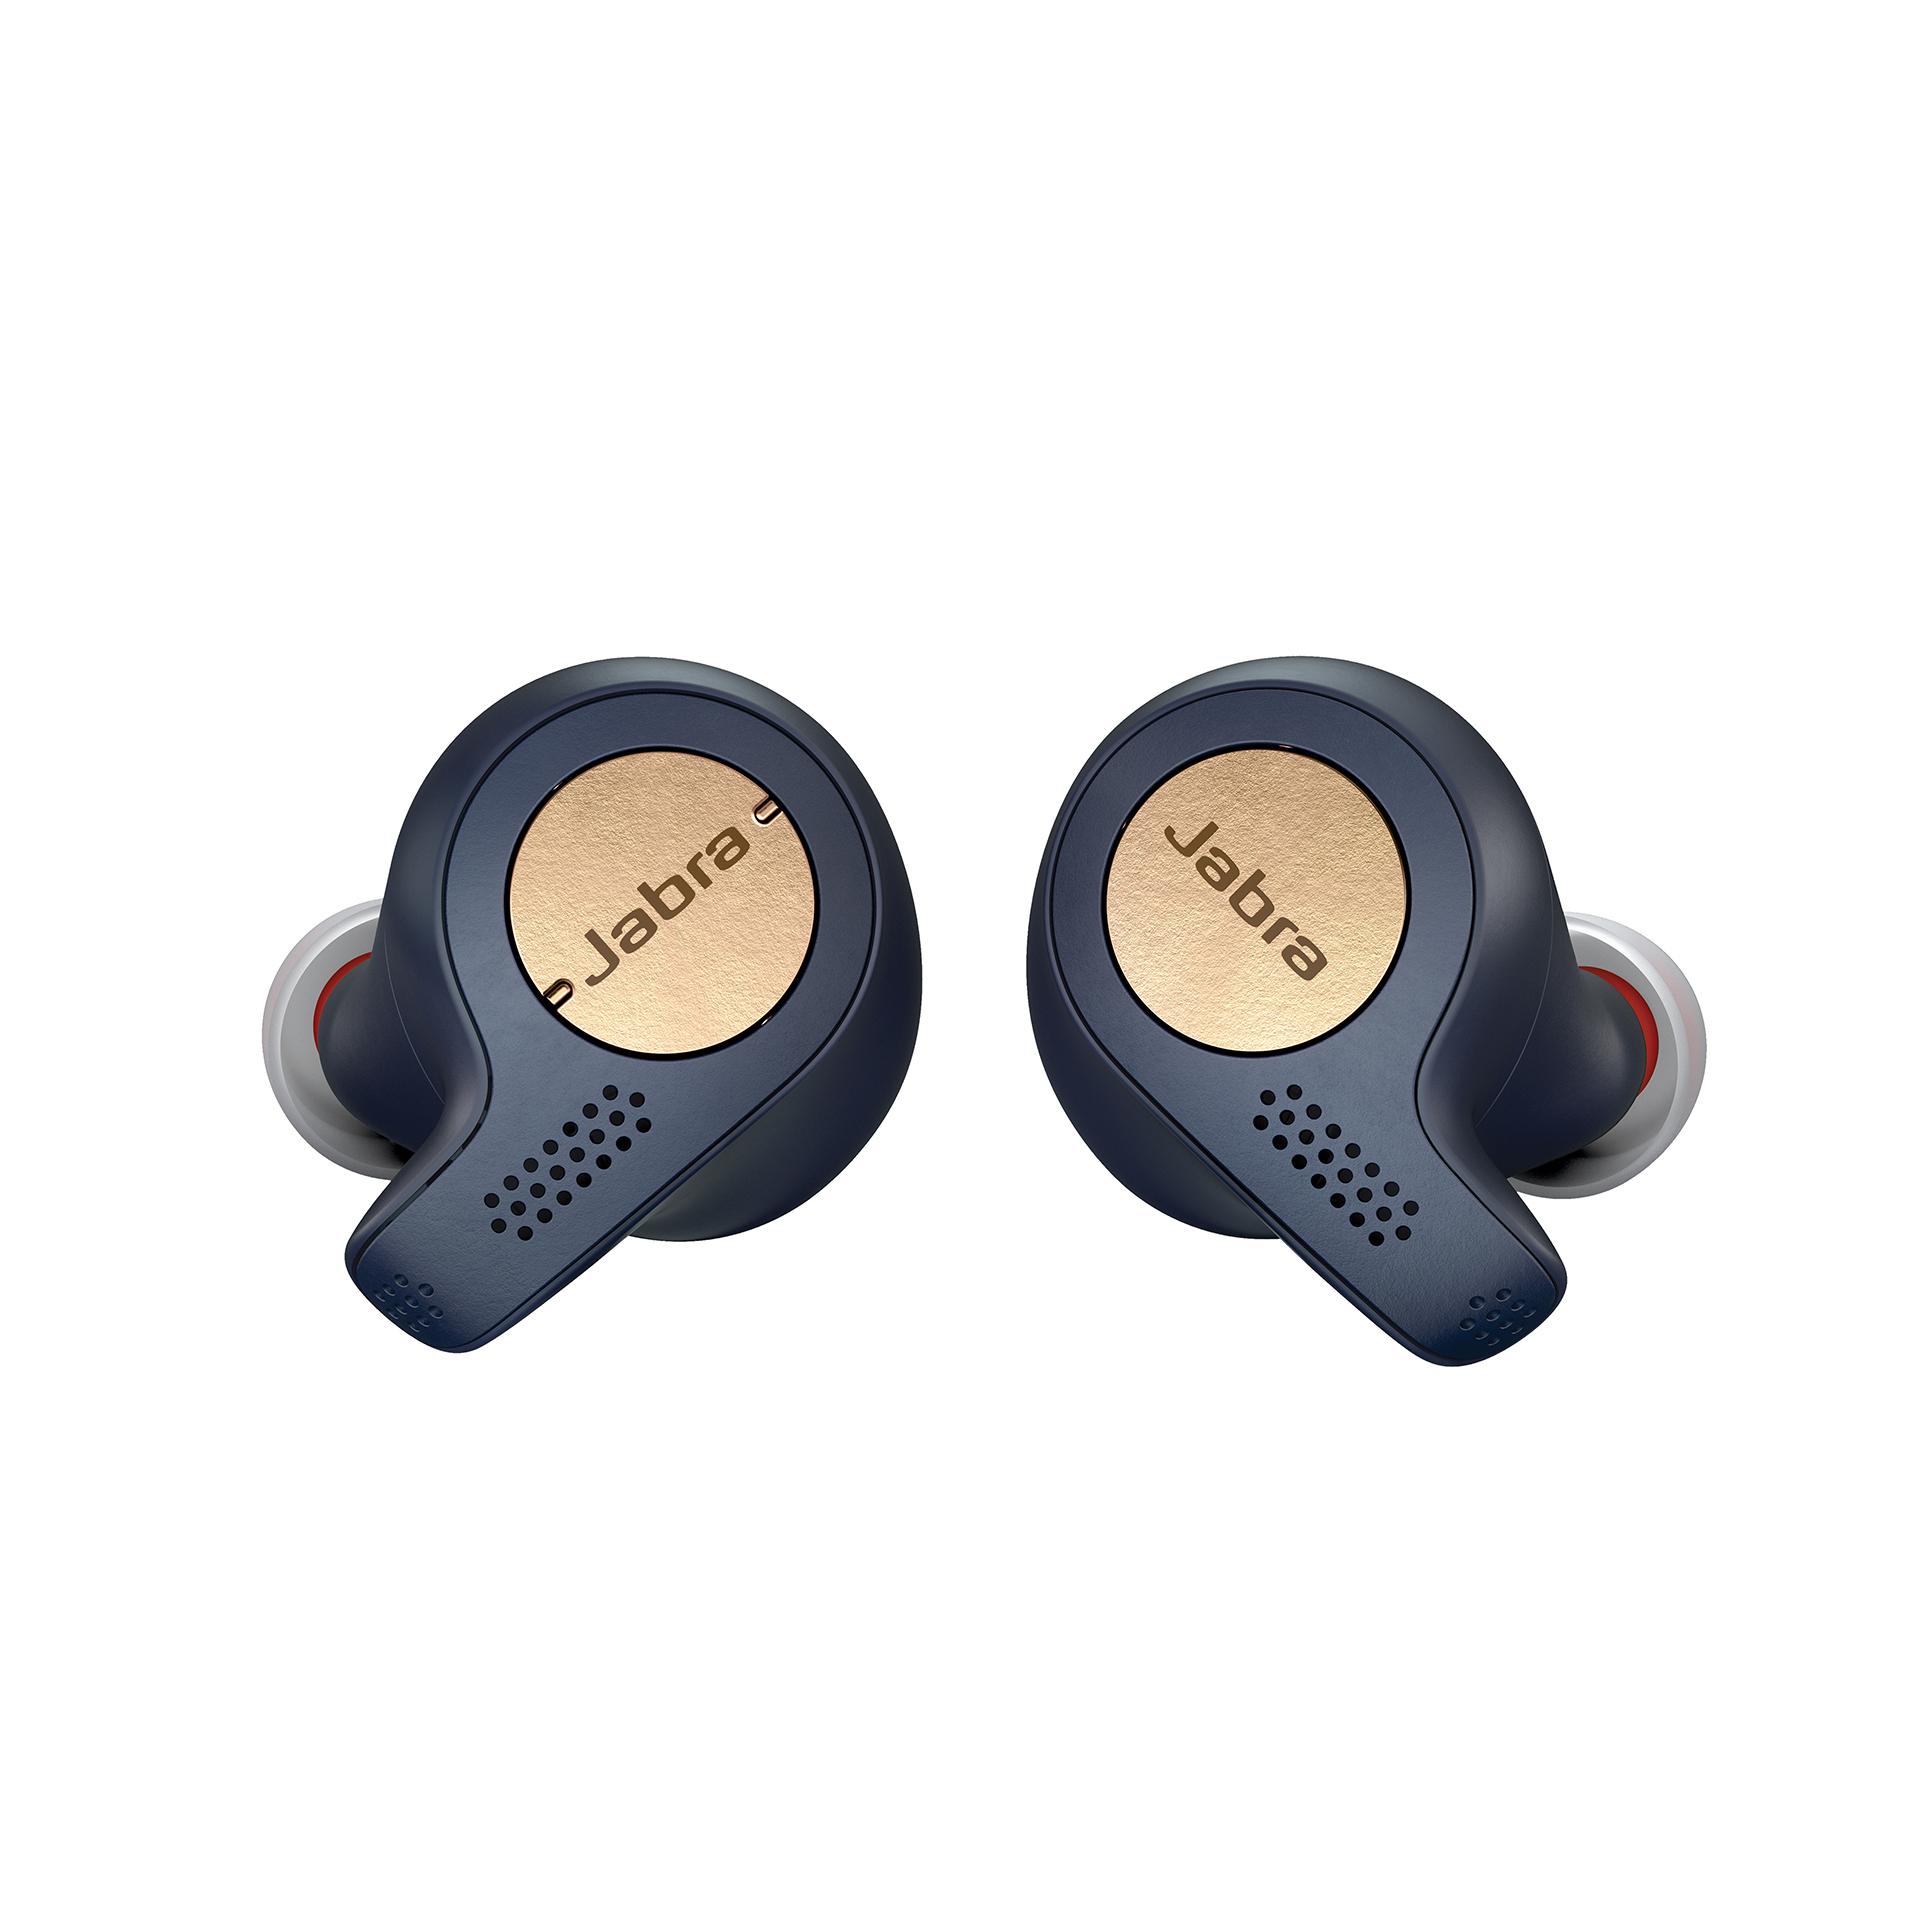 Jabra Elite Active 65t True Wireless Earbuds Manufacturer Refurbished For 50 At Ebay Com Direct From Jabra Slickdeals Net